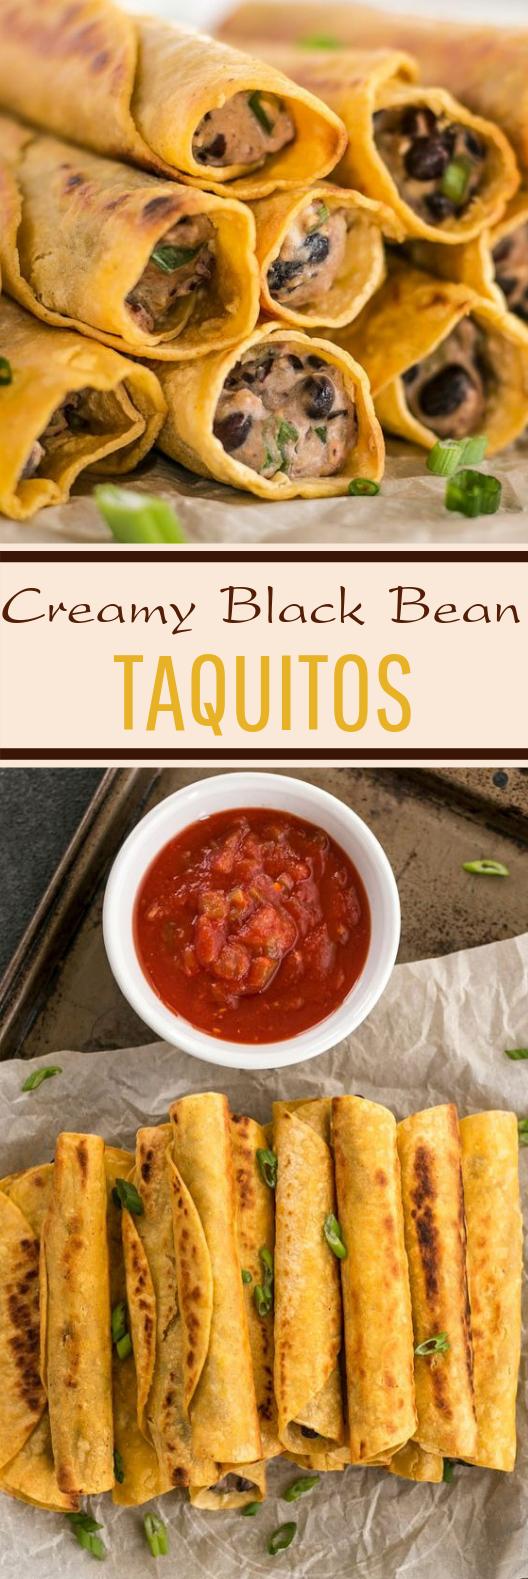 Creamy Black Bean Taquitos #lunch #vegetarian